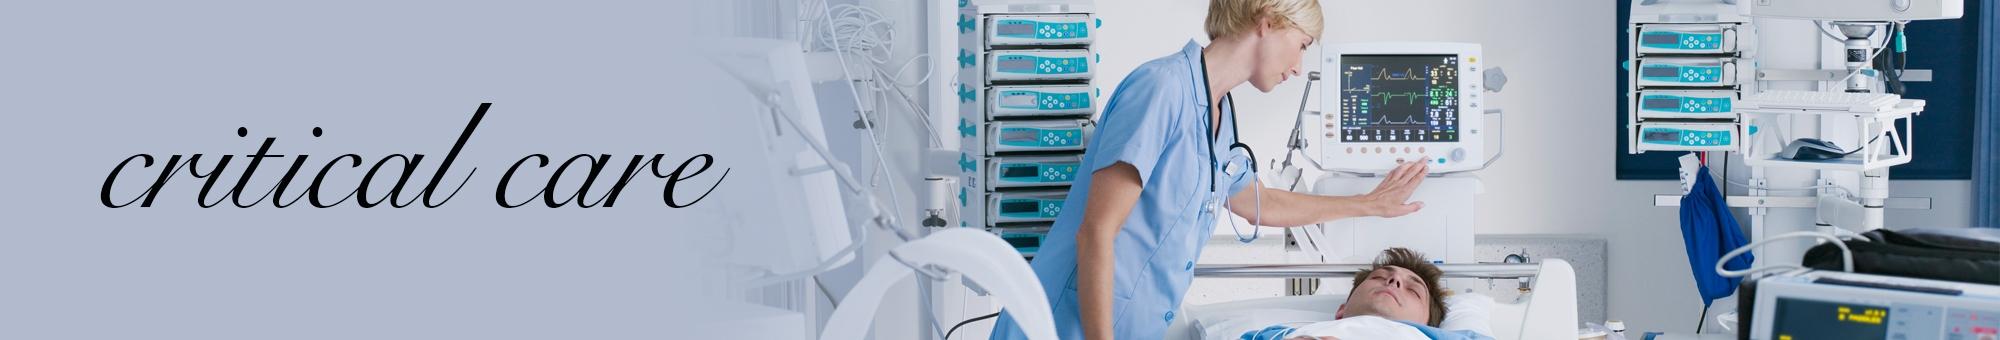 ICU Critical Care